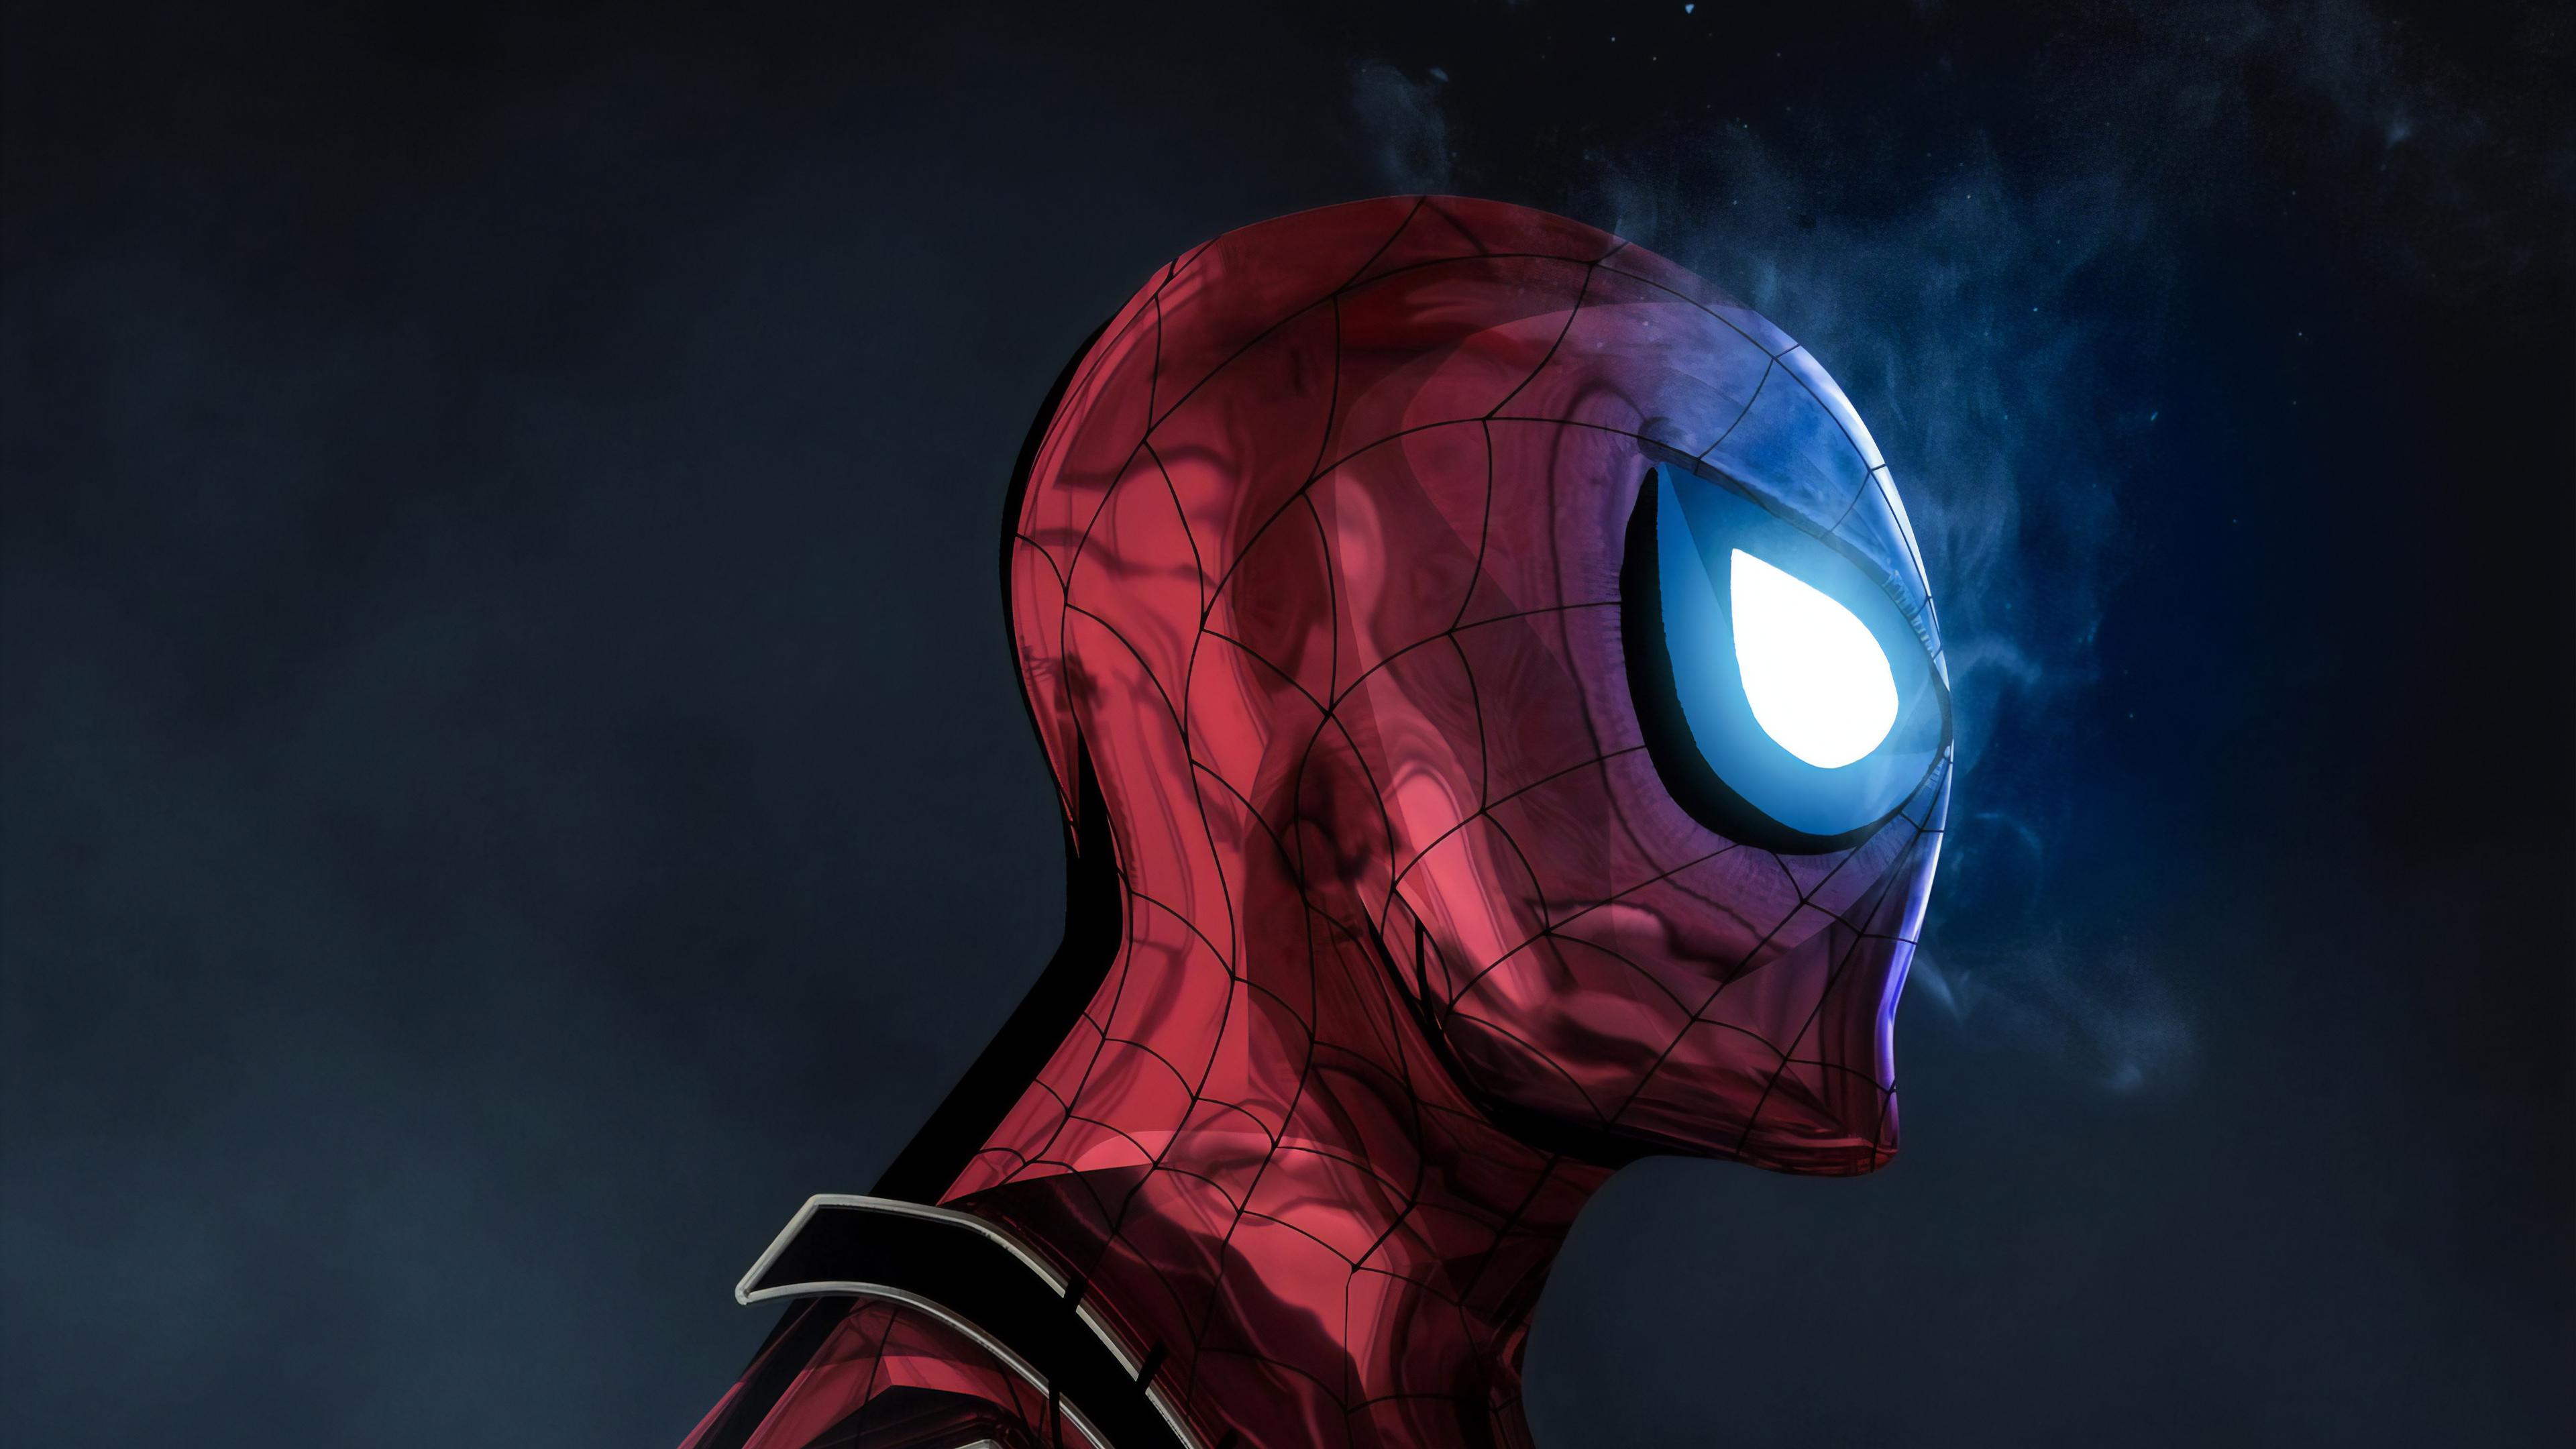 The Glowing Eyes Spiderman 4k Hd Superheroes 4k Wallpapers